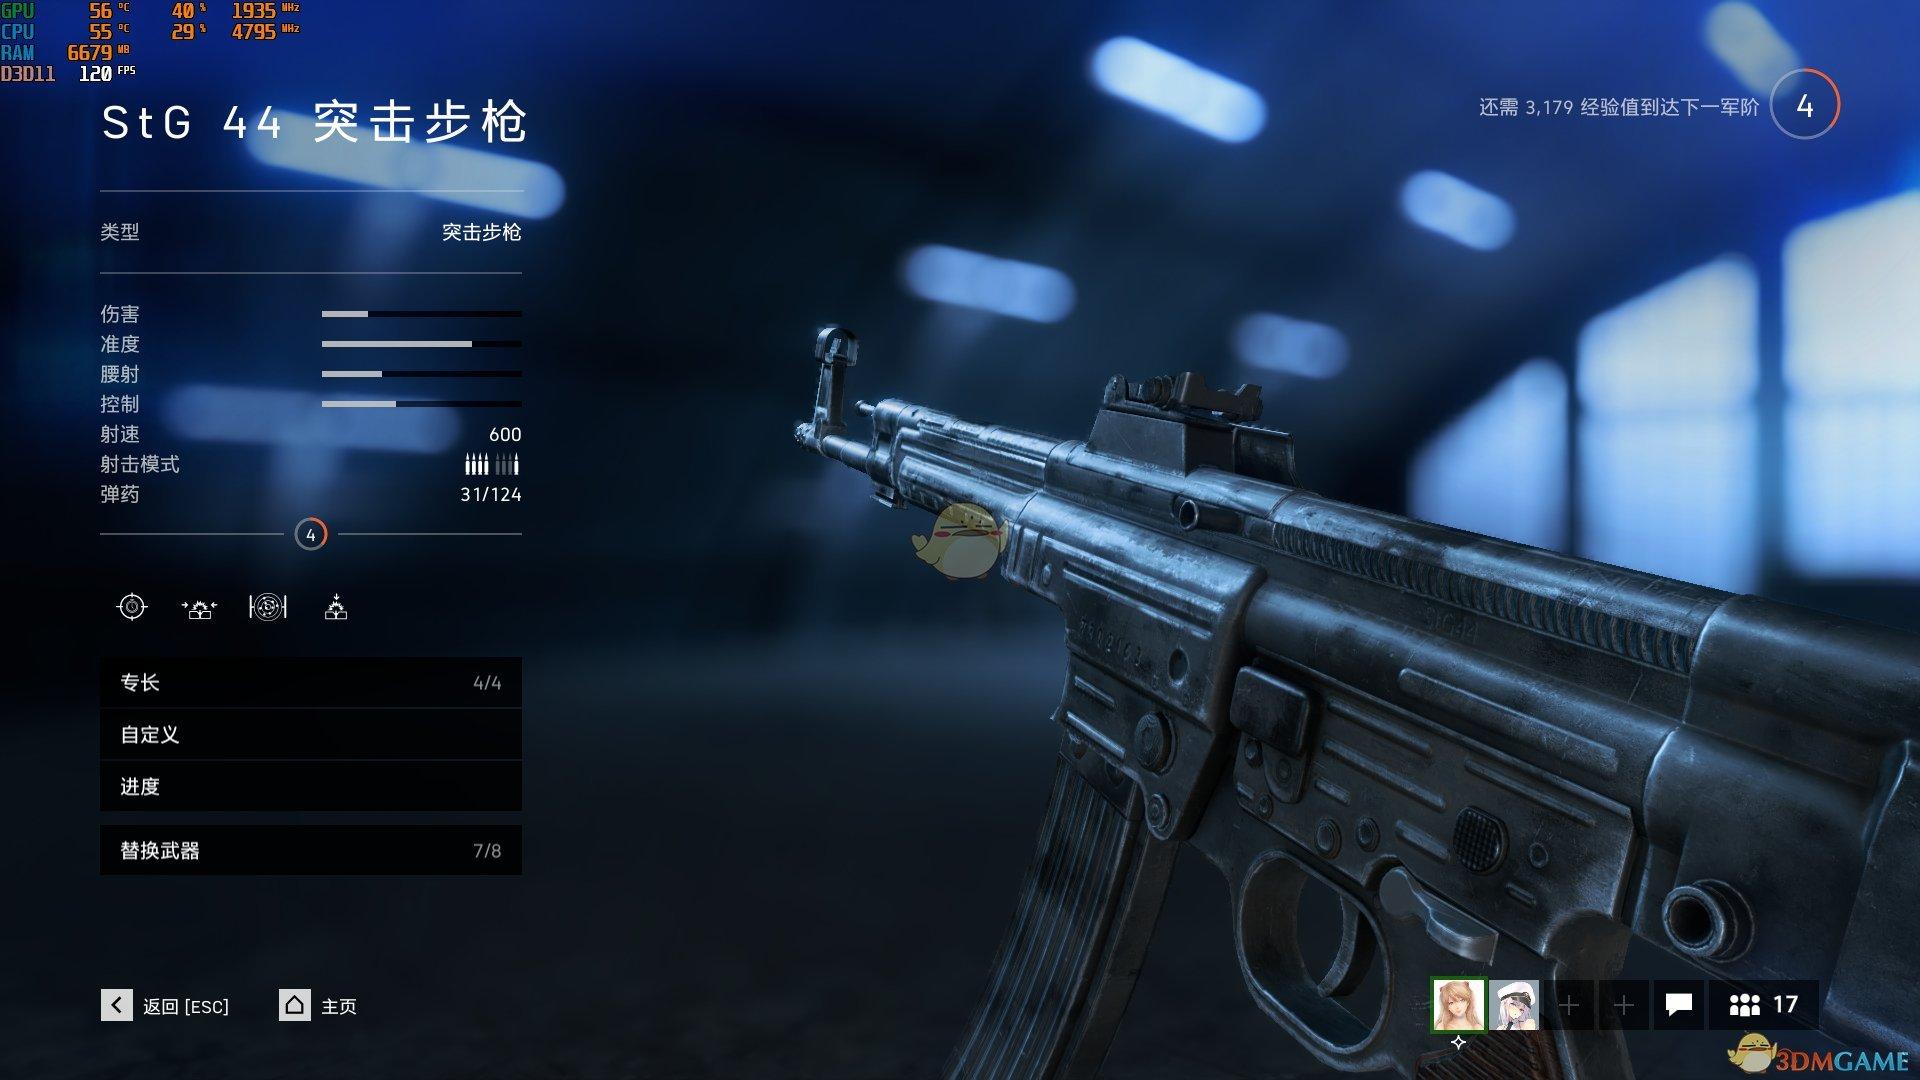 《战地5》STG44突击步枪运用教育